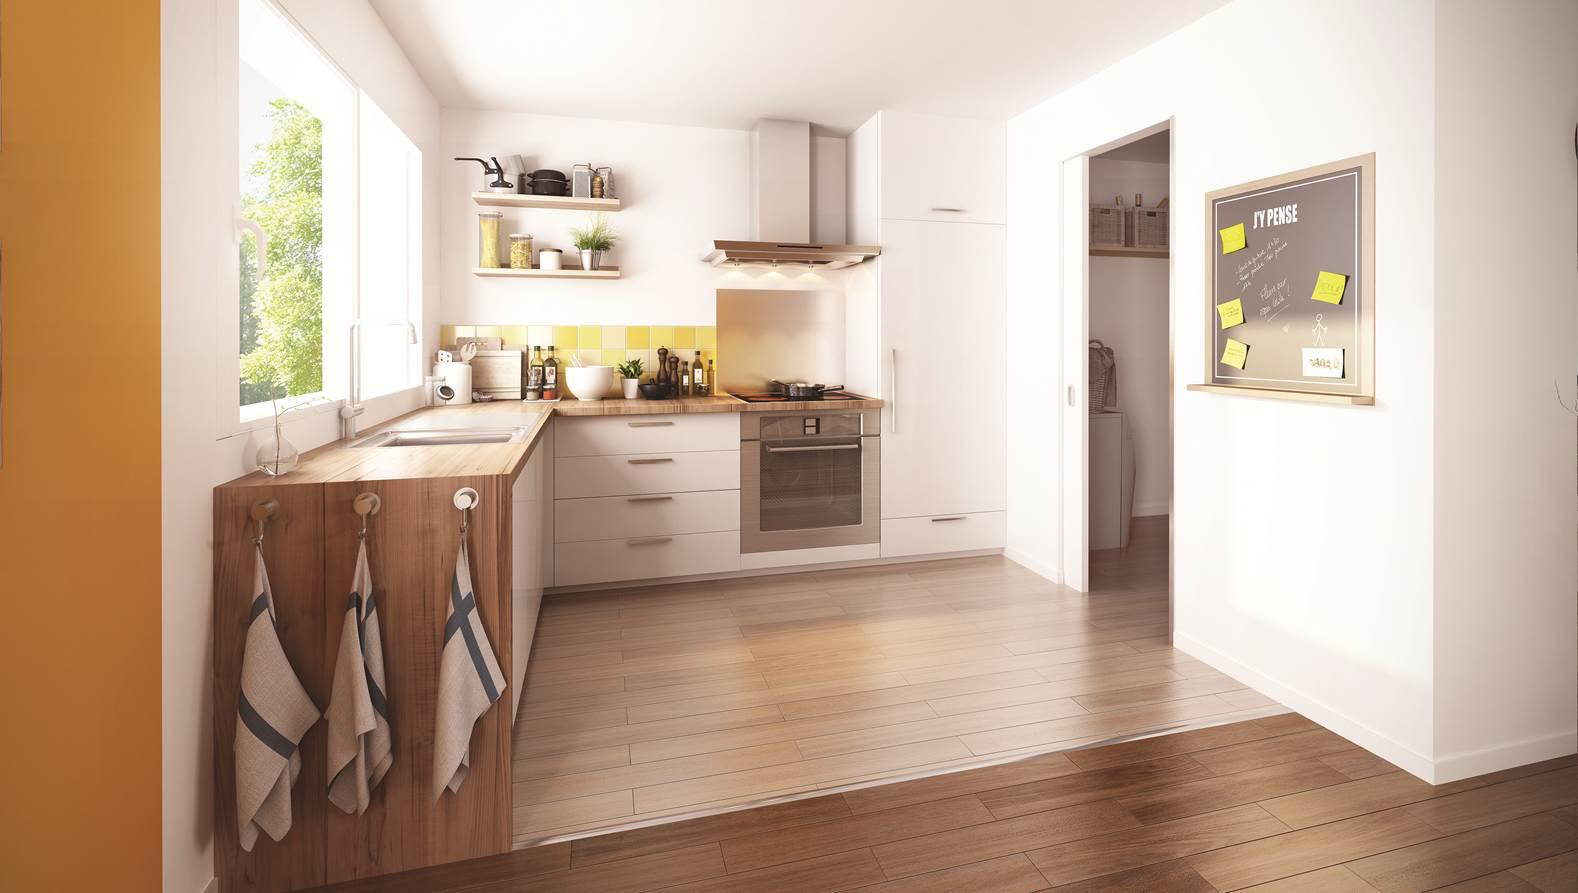 Maisons + Terrains du constructeur MAISON FAMILIALE • 113 m² • CERCOTTES